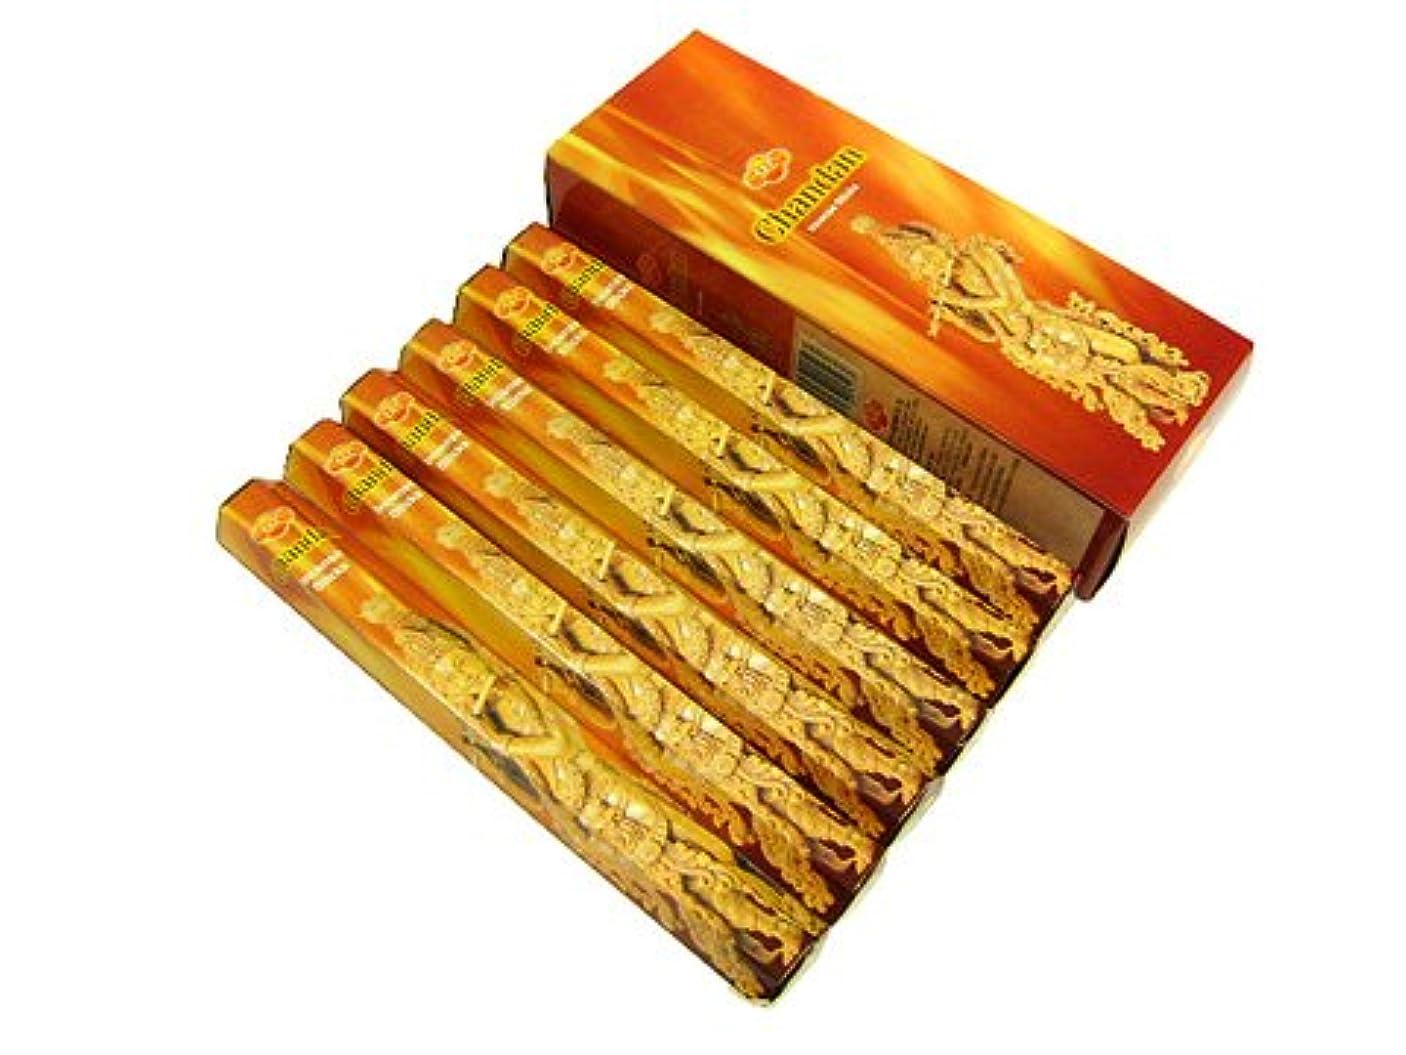 あなたのものビジターで出来ているSANDESH SAC (サンデッシュ) チャンダン香 スティック CHANDAN 6箱セット